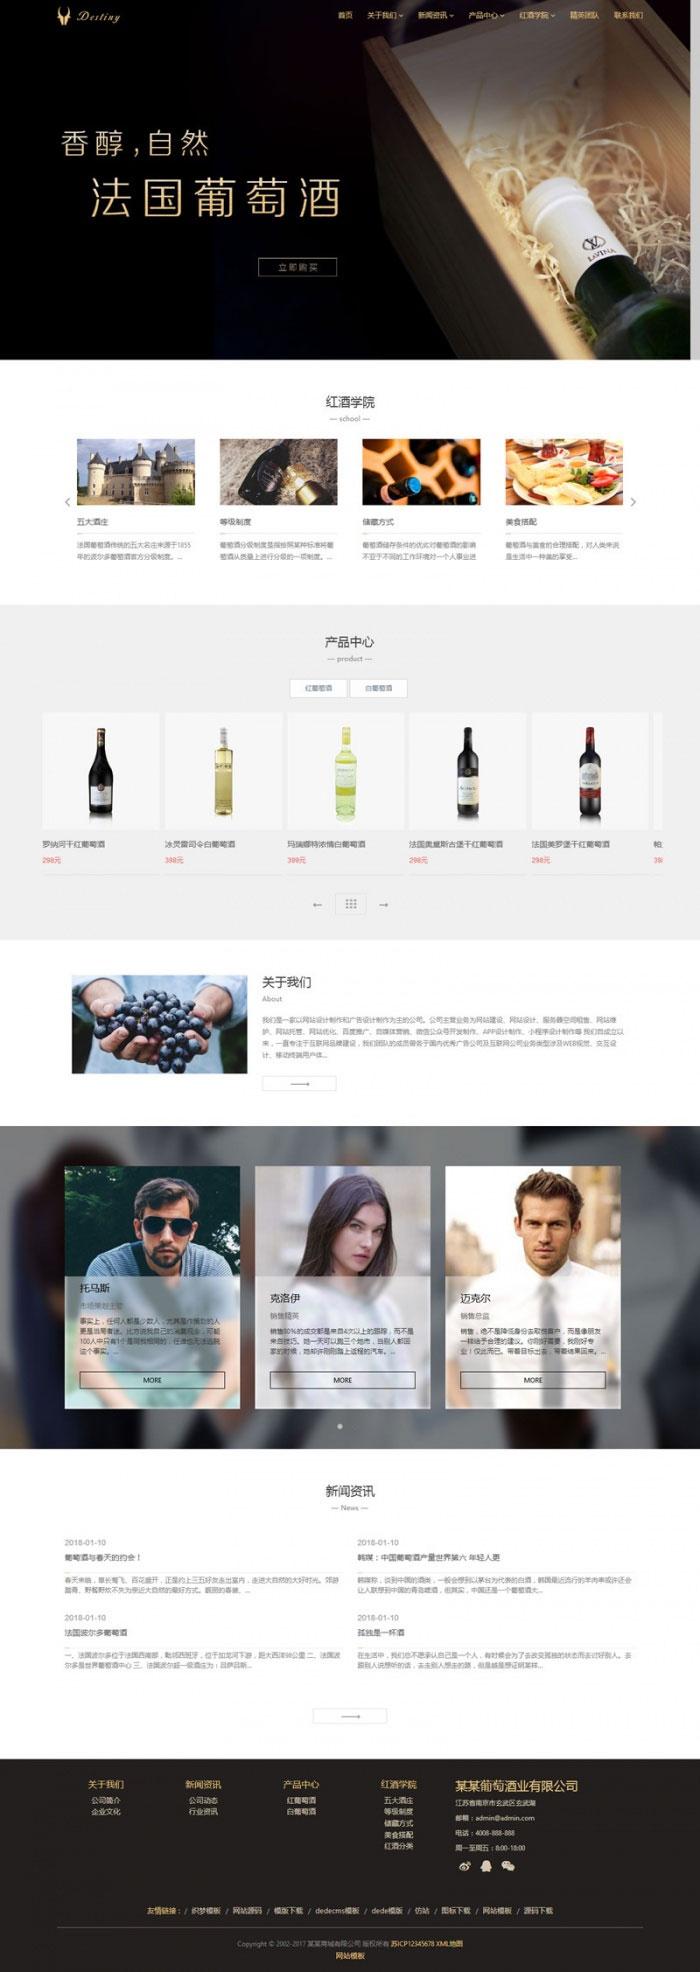 织梦dedecms 响应式高端藏酒酒业酒窖网站织梦模板(自适应模板)+企业通用模板